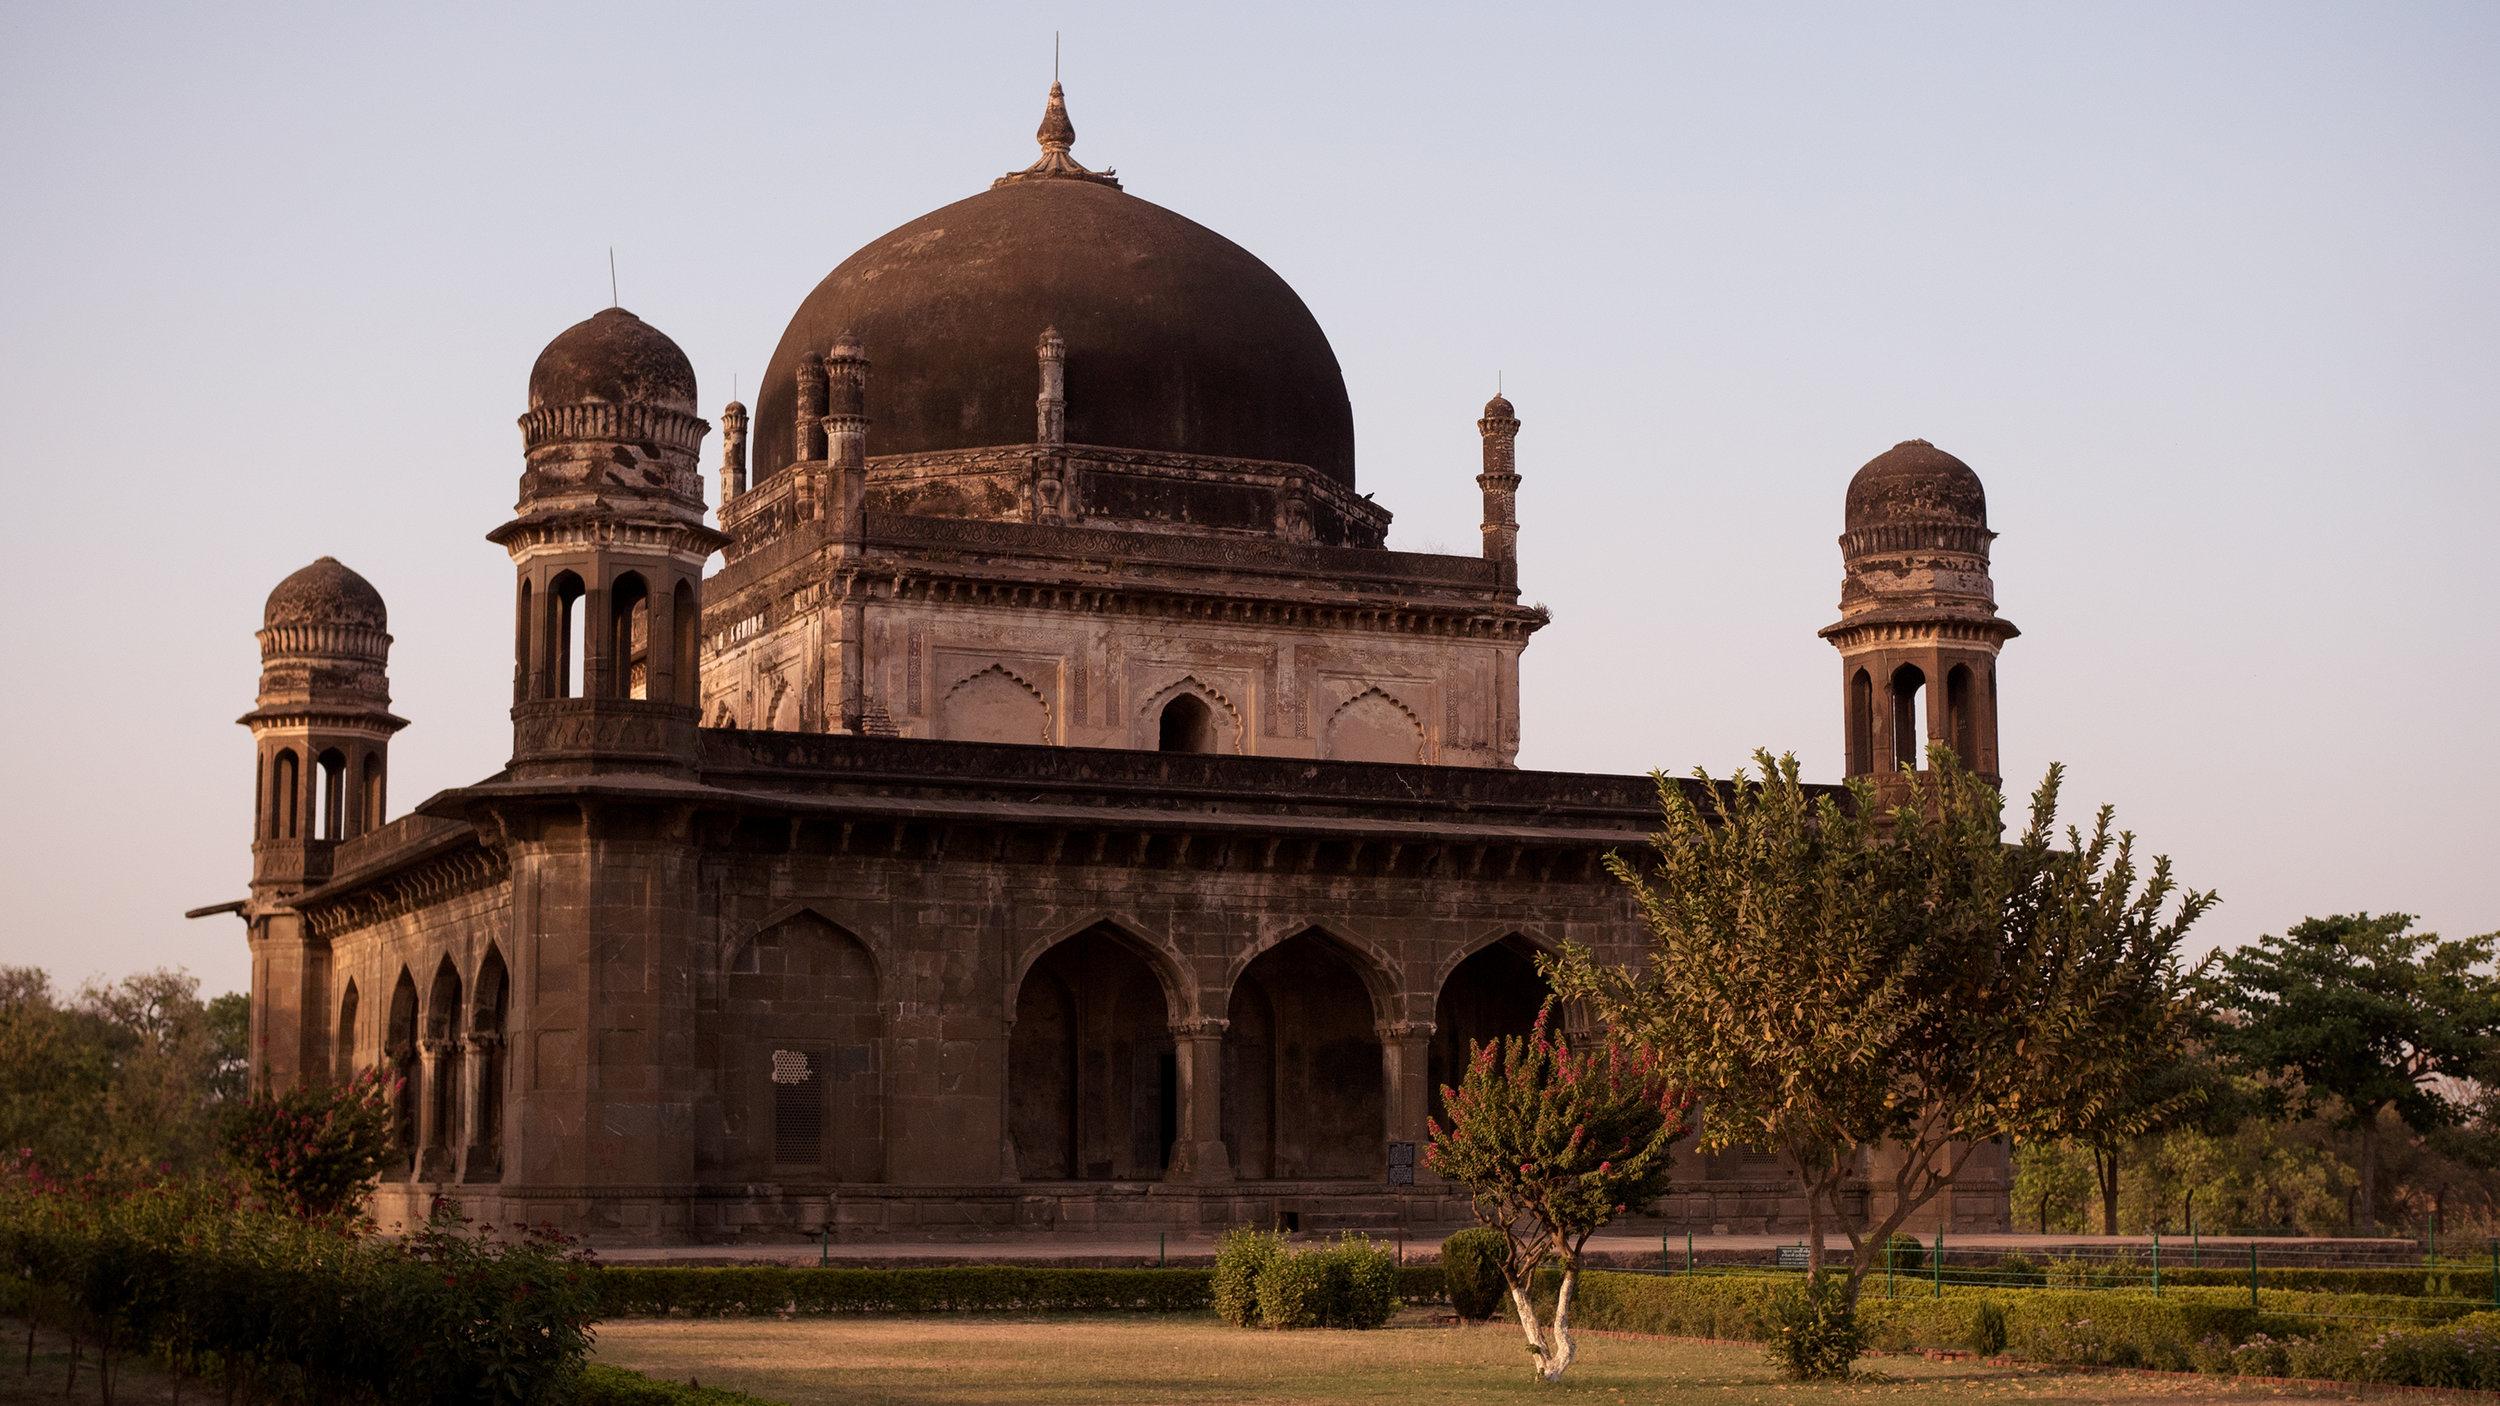 The 'Black Taj'